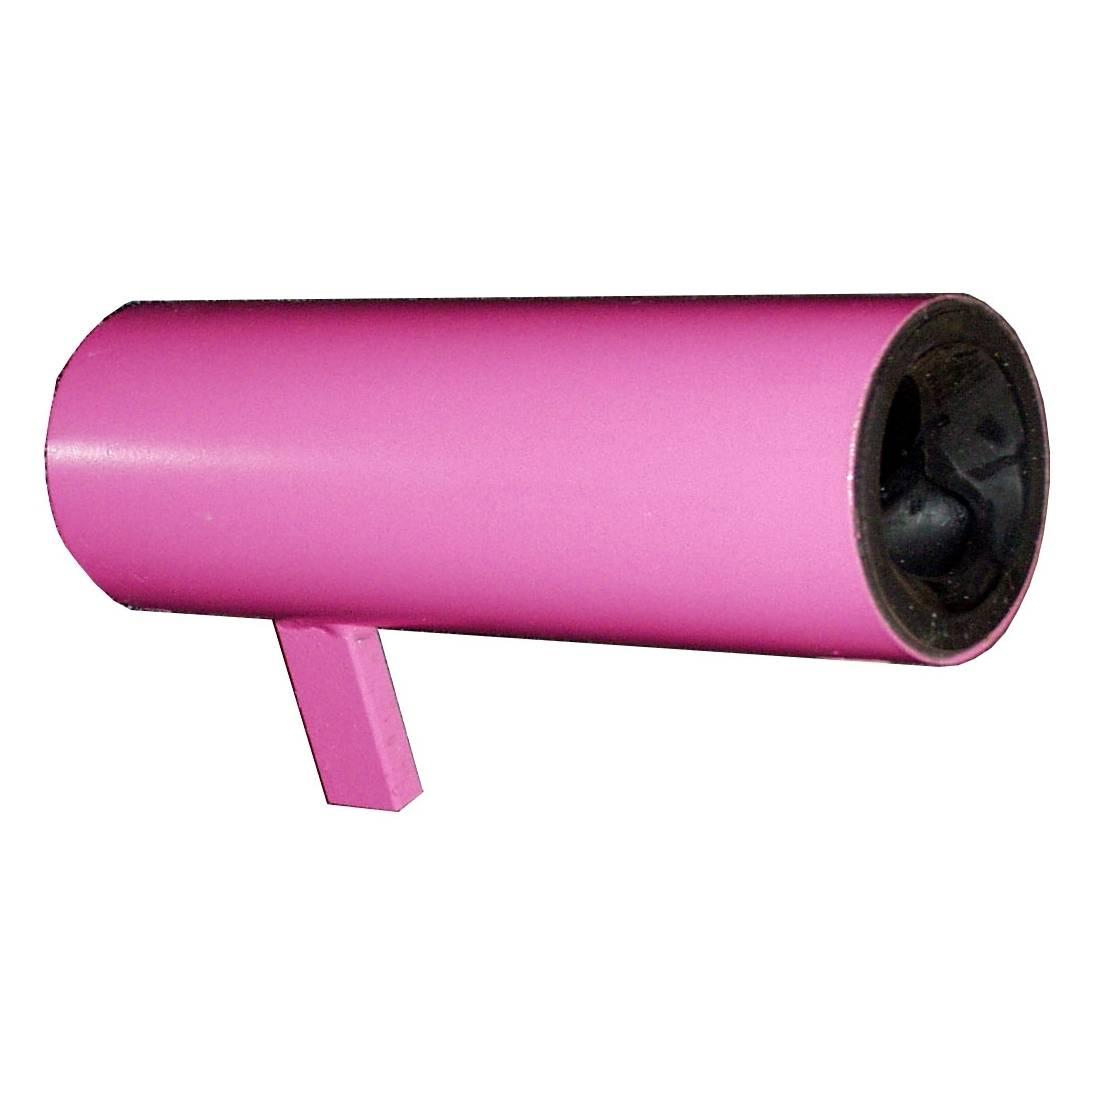 Schneckenmantel / Stator D5-2,5 pink